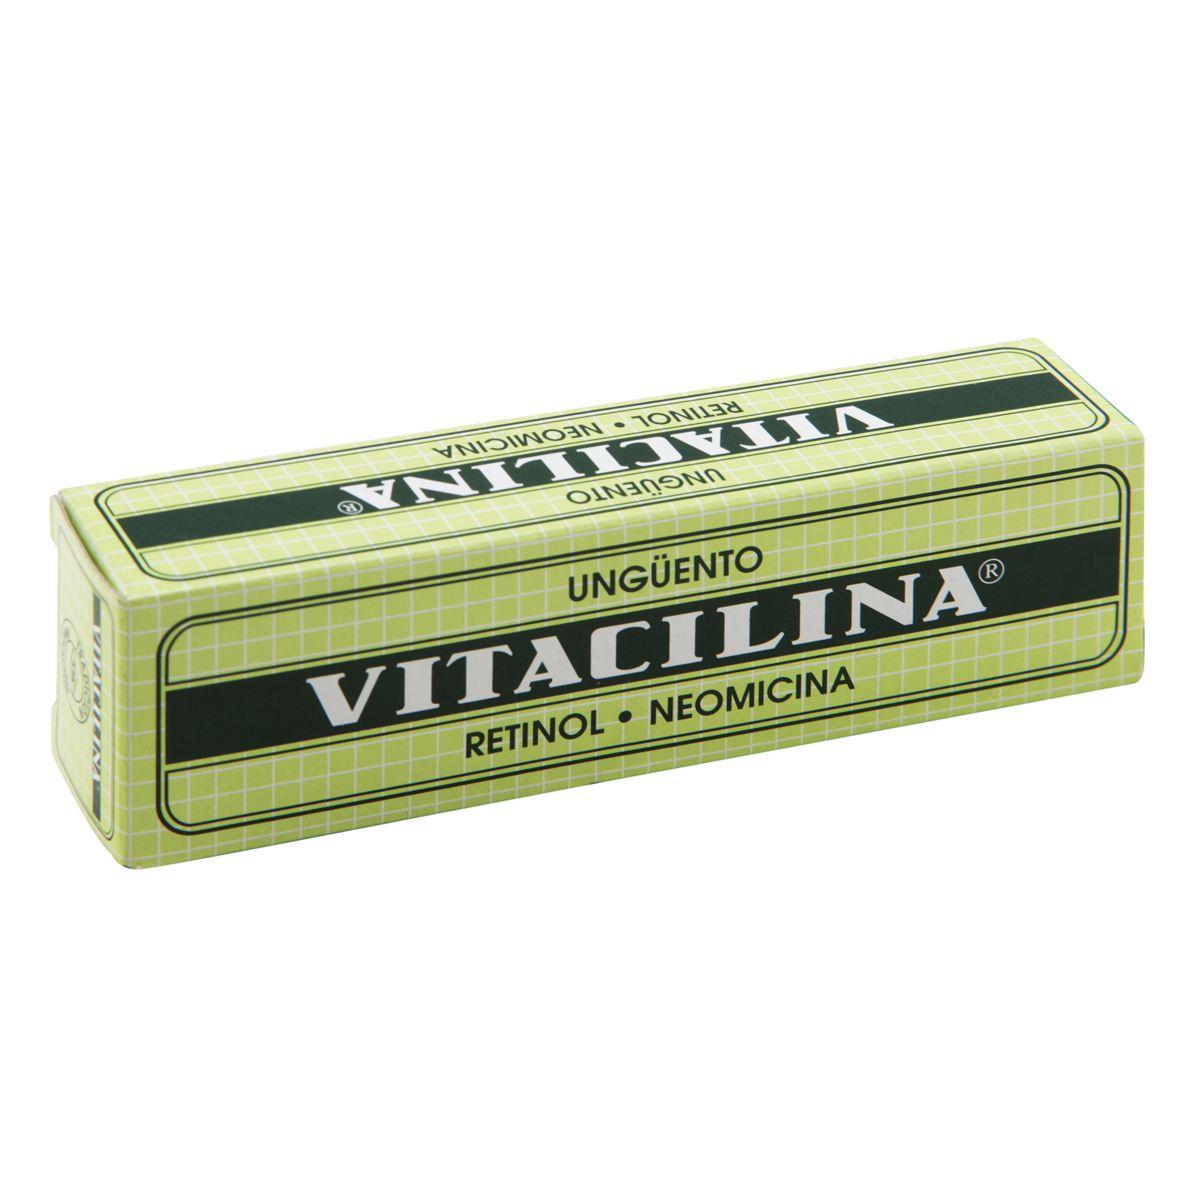 Vitacilina Ungüento 16 gr